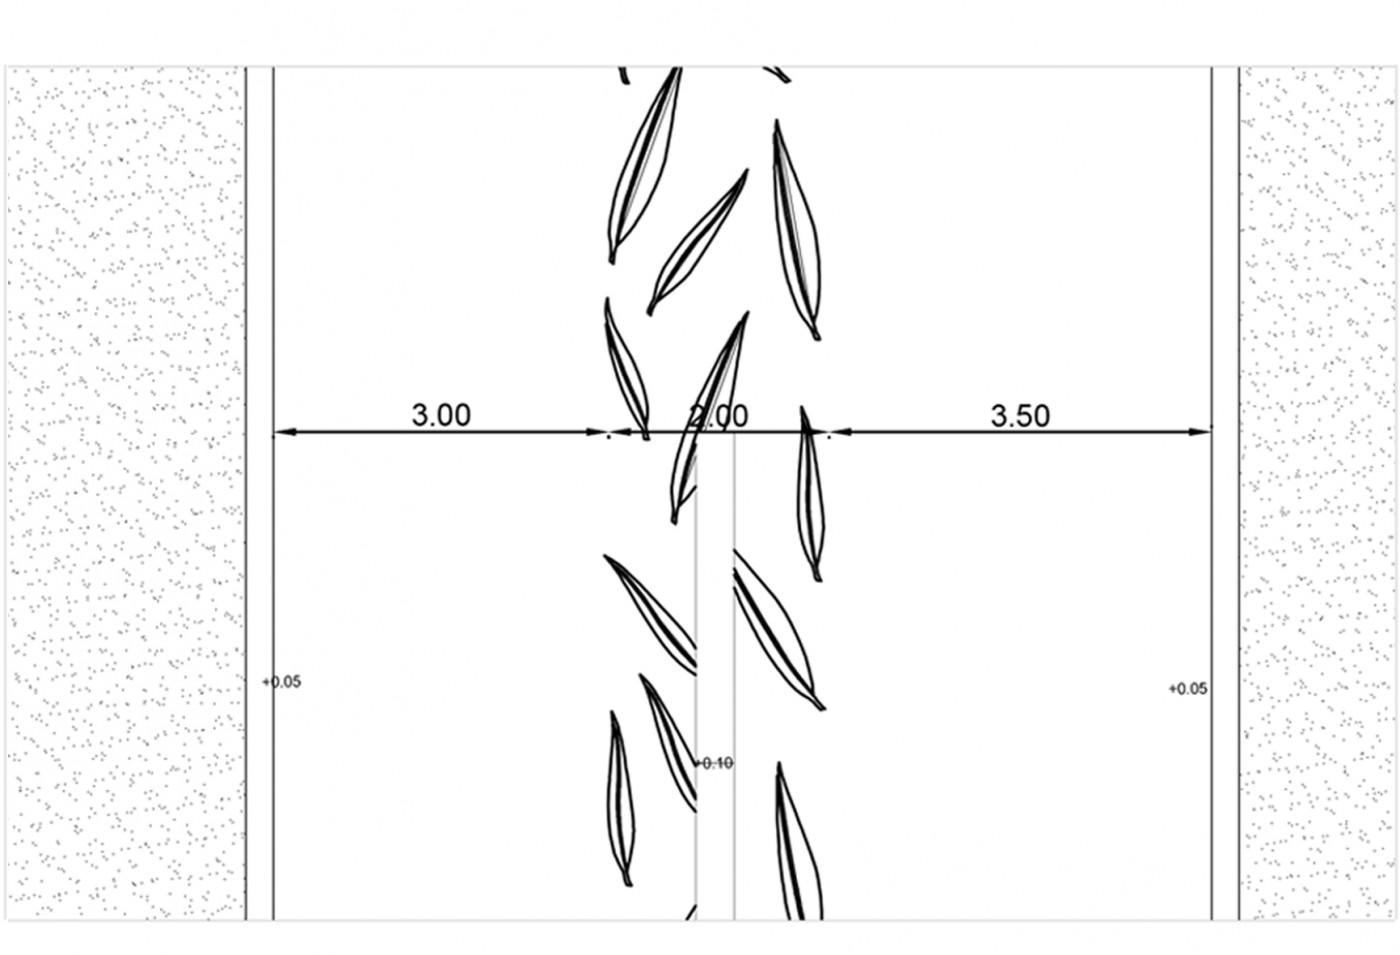 buro-sant-en-co-landschapsarchitectuur-johannapolder-albrandswaard-wilgenbladeren-3